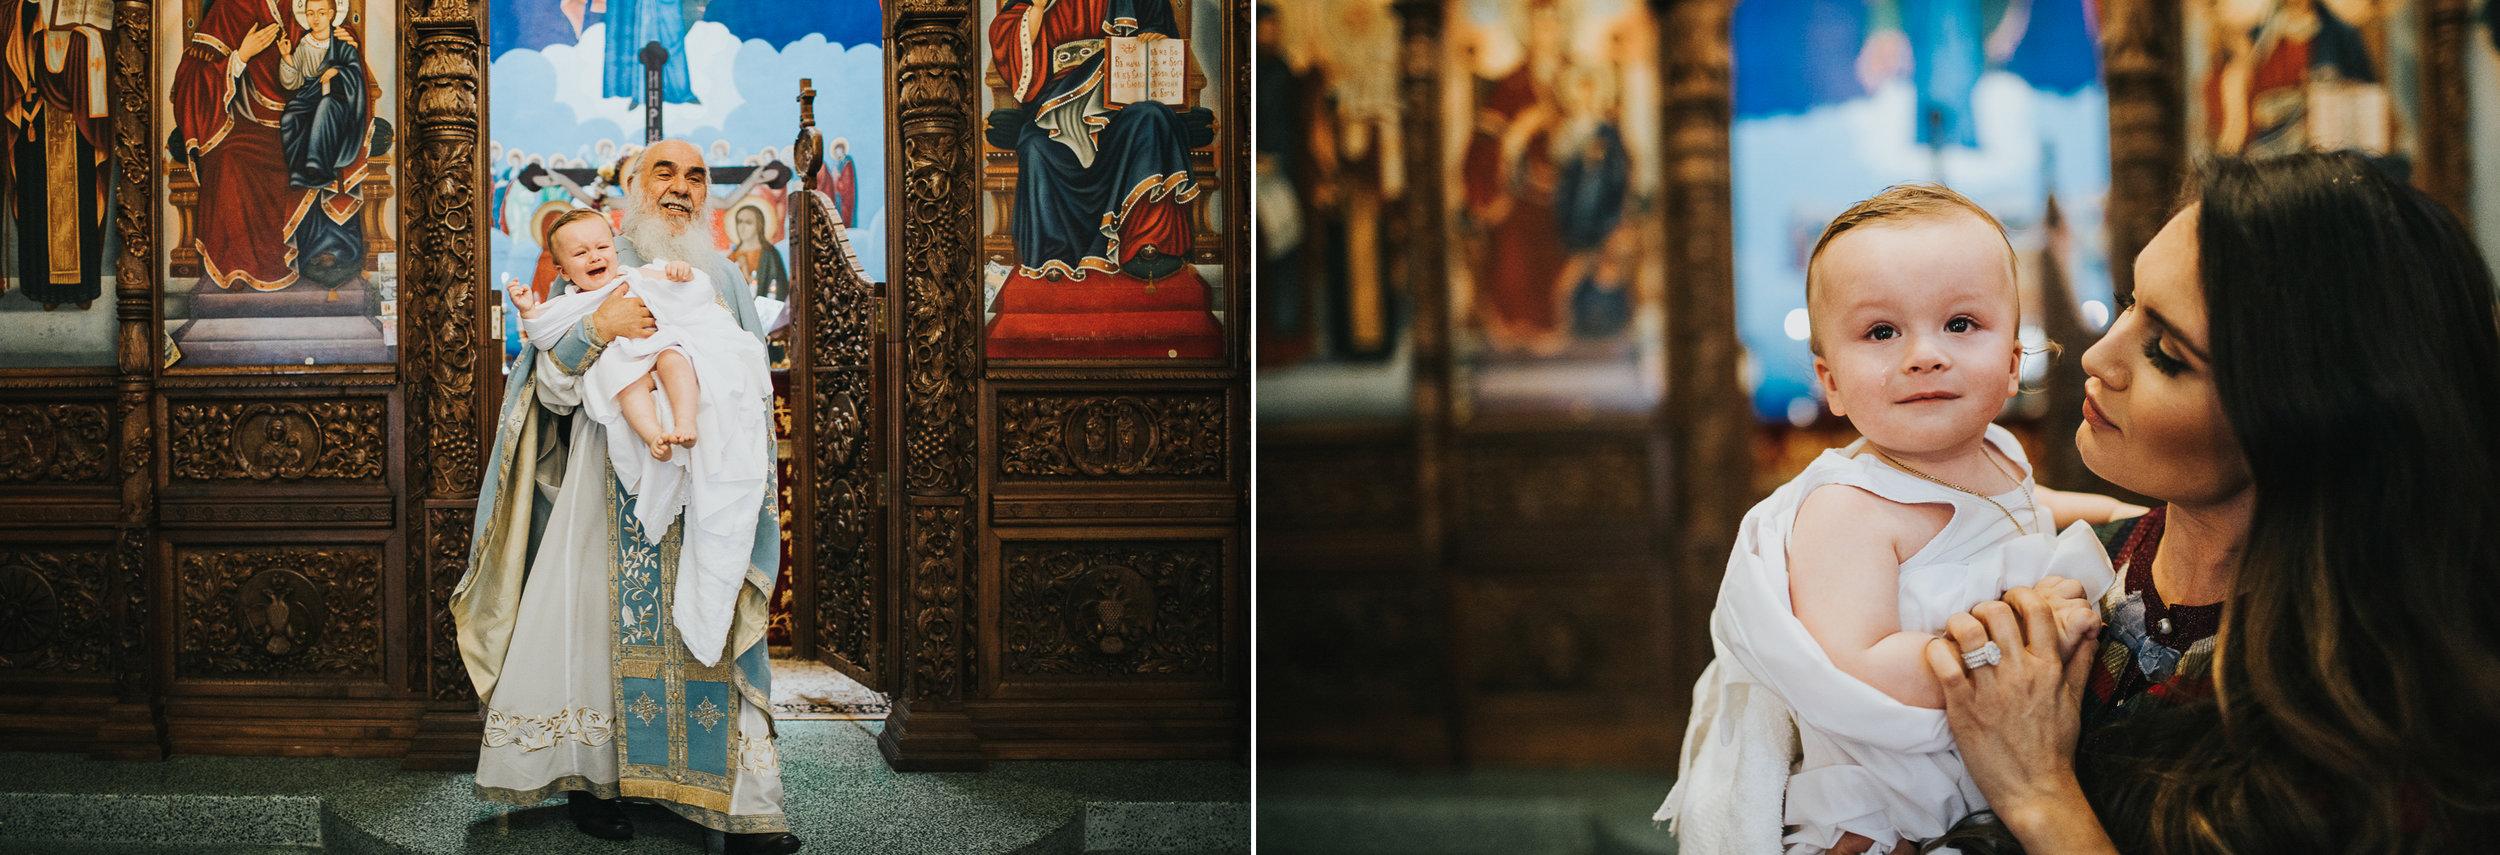 Macedonian_Orthodox_Christening_Sydney.07.jpg